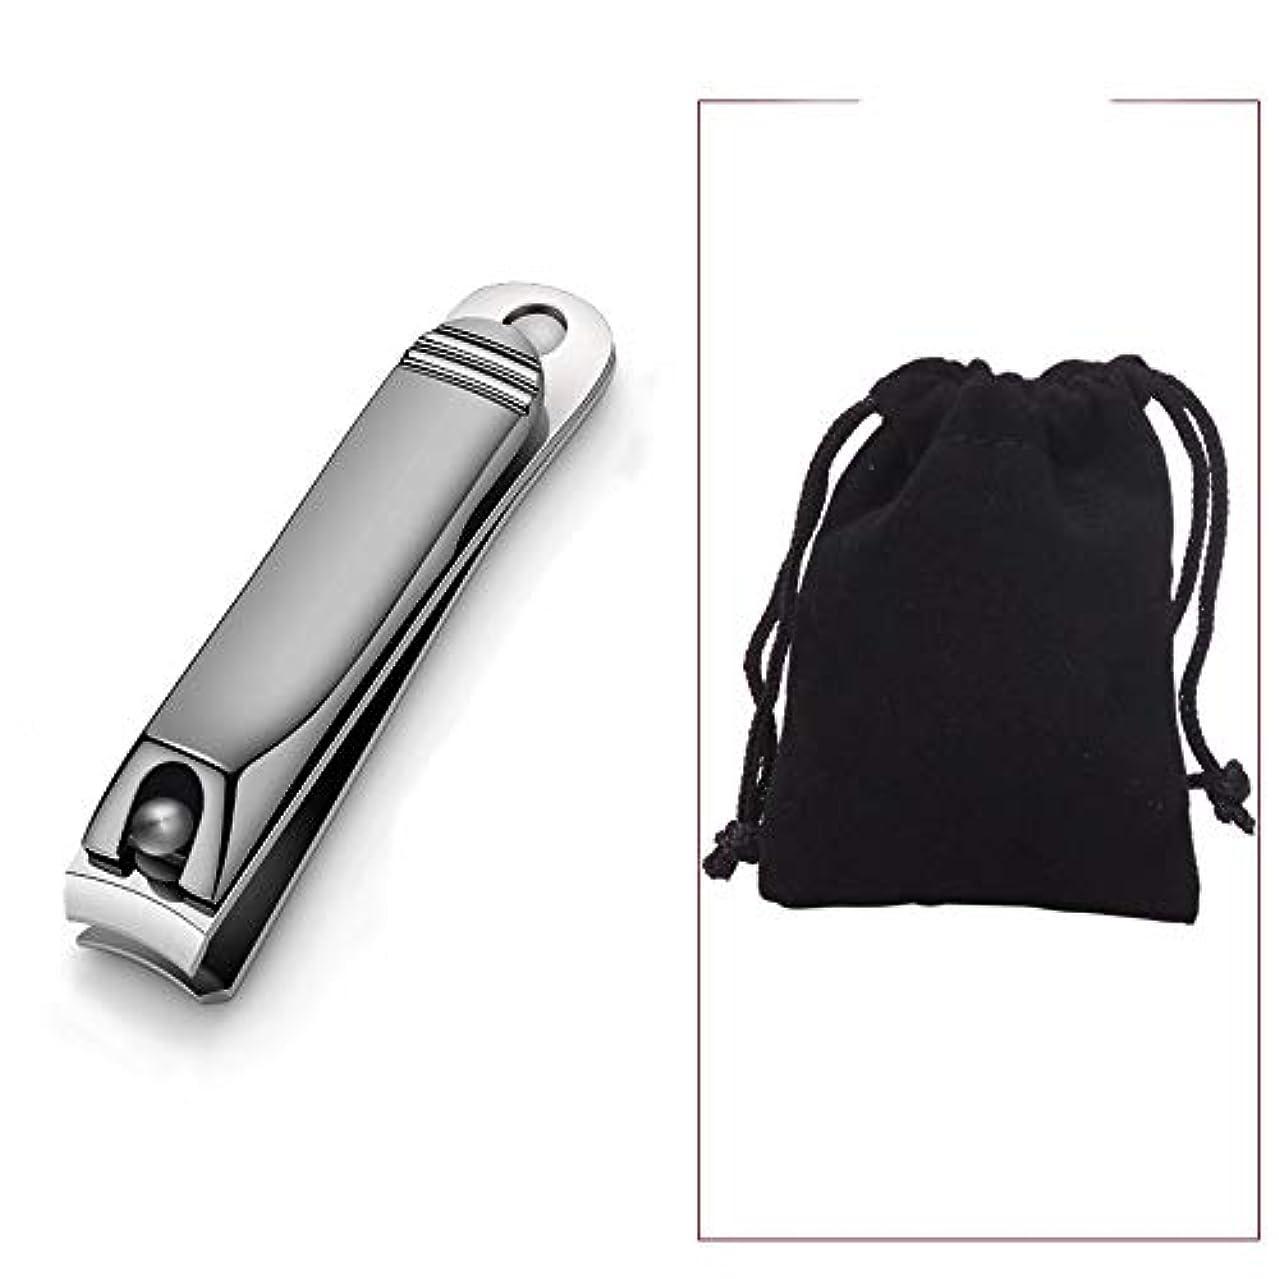 消える閉じ込める節約する爪切り家庭用ポータブルはさみナイフシングルパックシャープで耐久性のあるマニキュアはさみ